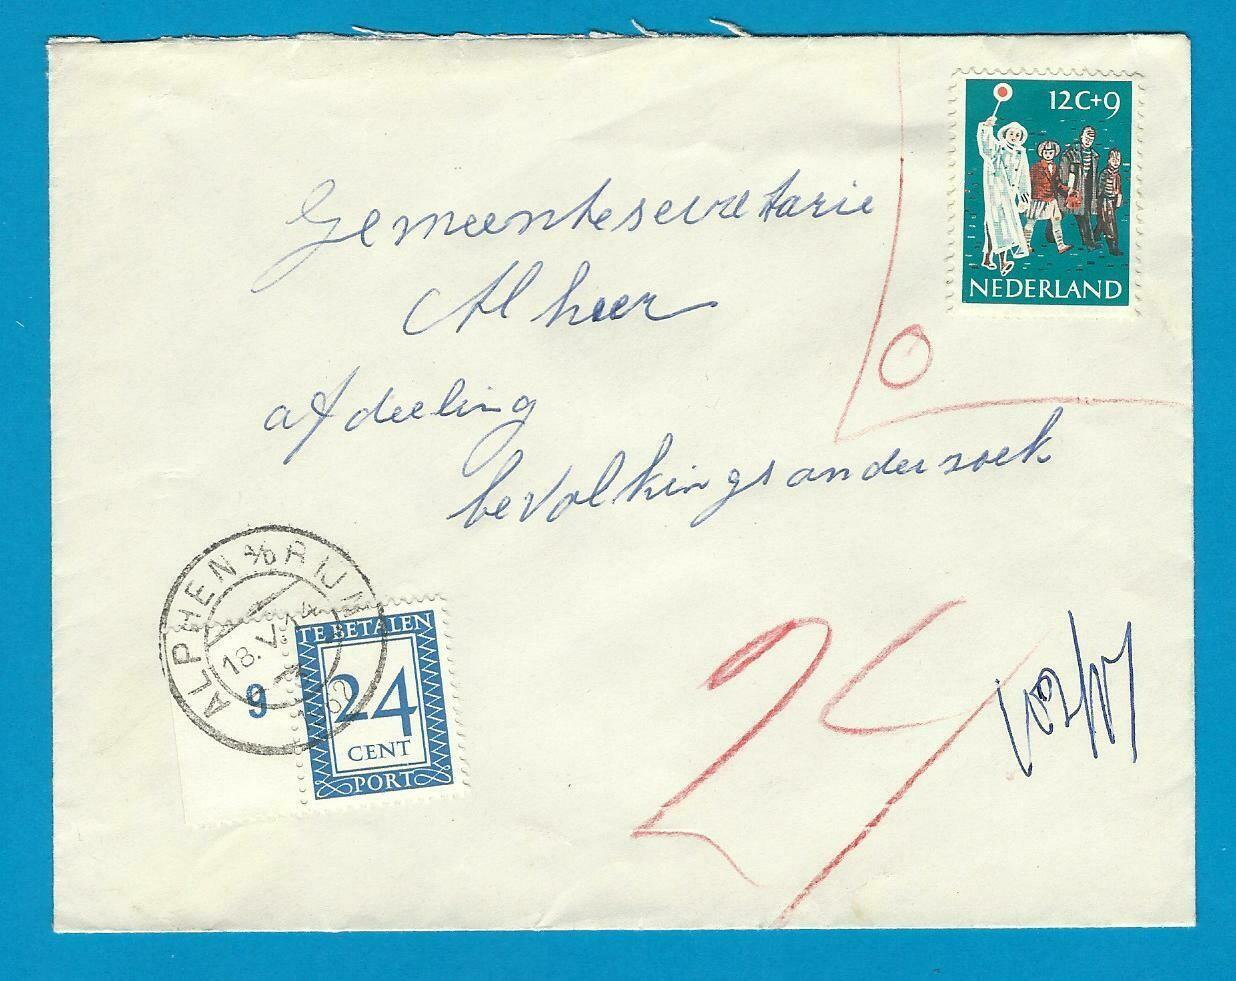 NEDERLAND brief 1962 Alphen lokaal zegel ongeldig en beport